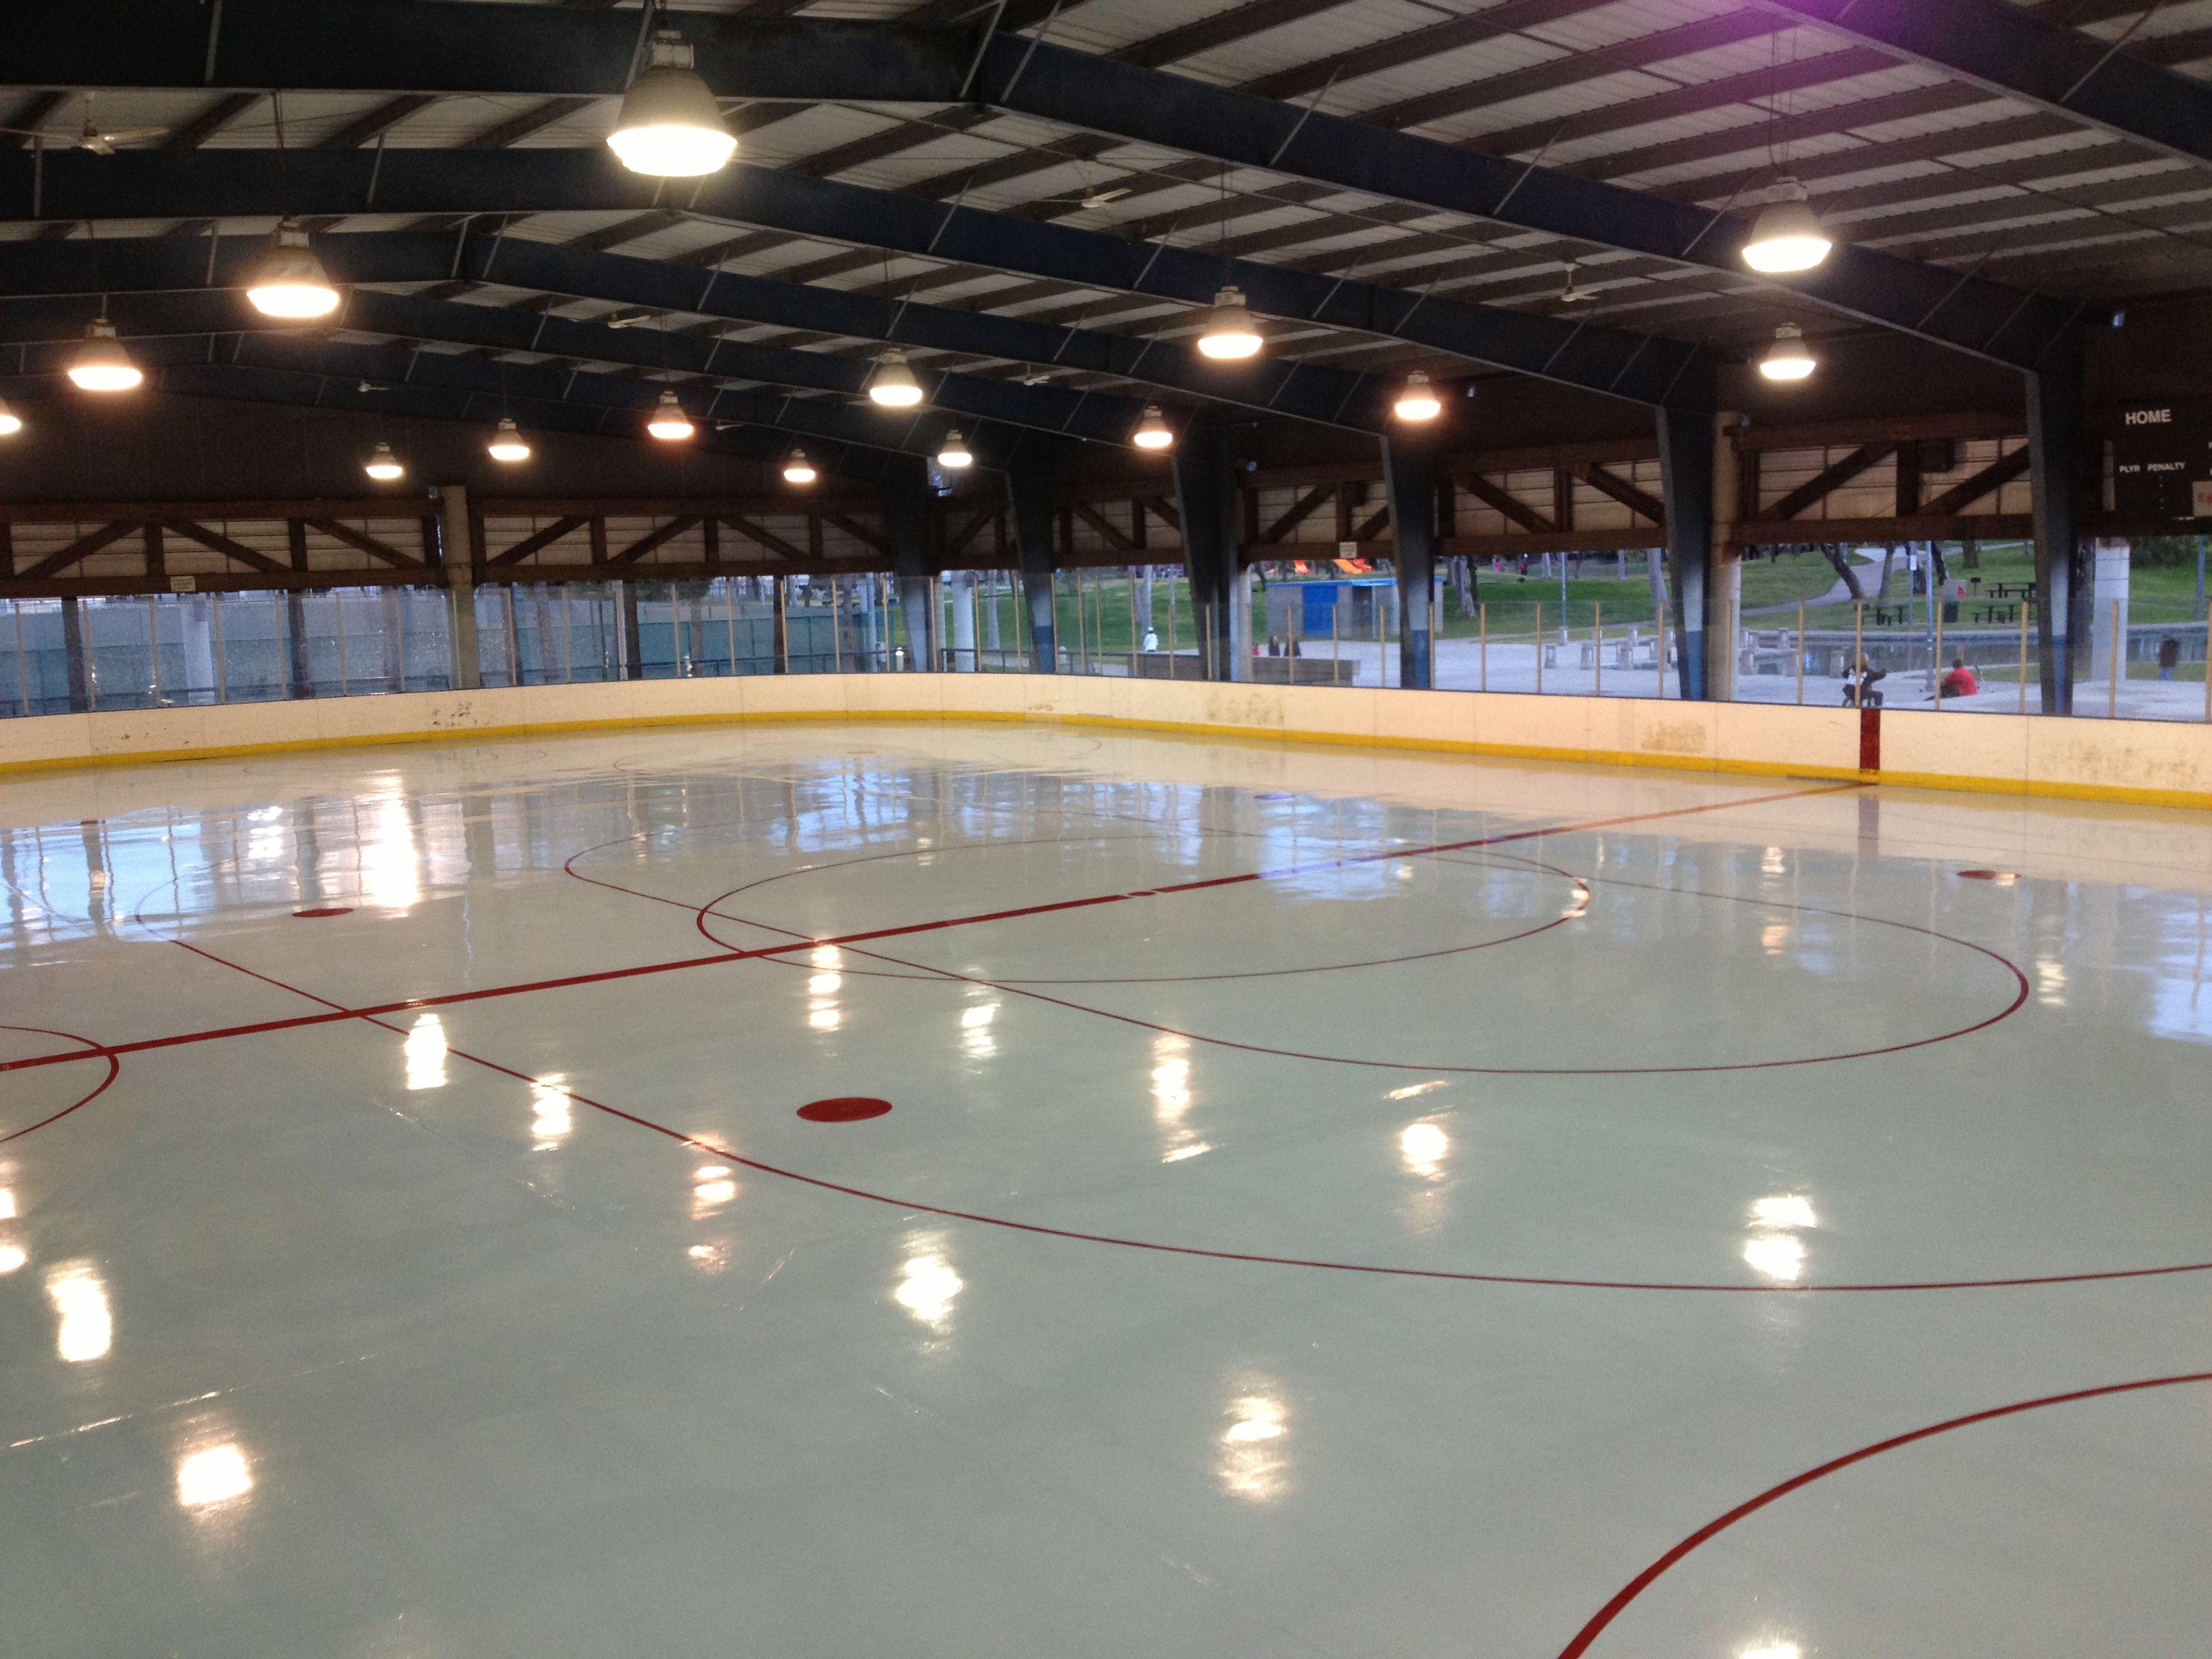 hockey+rink | City of Torrance - Roller Hockey Rink ...